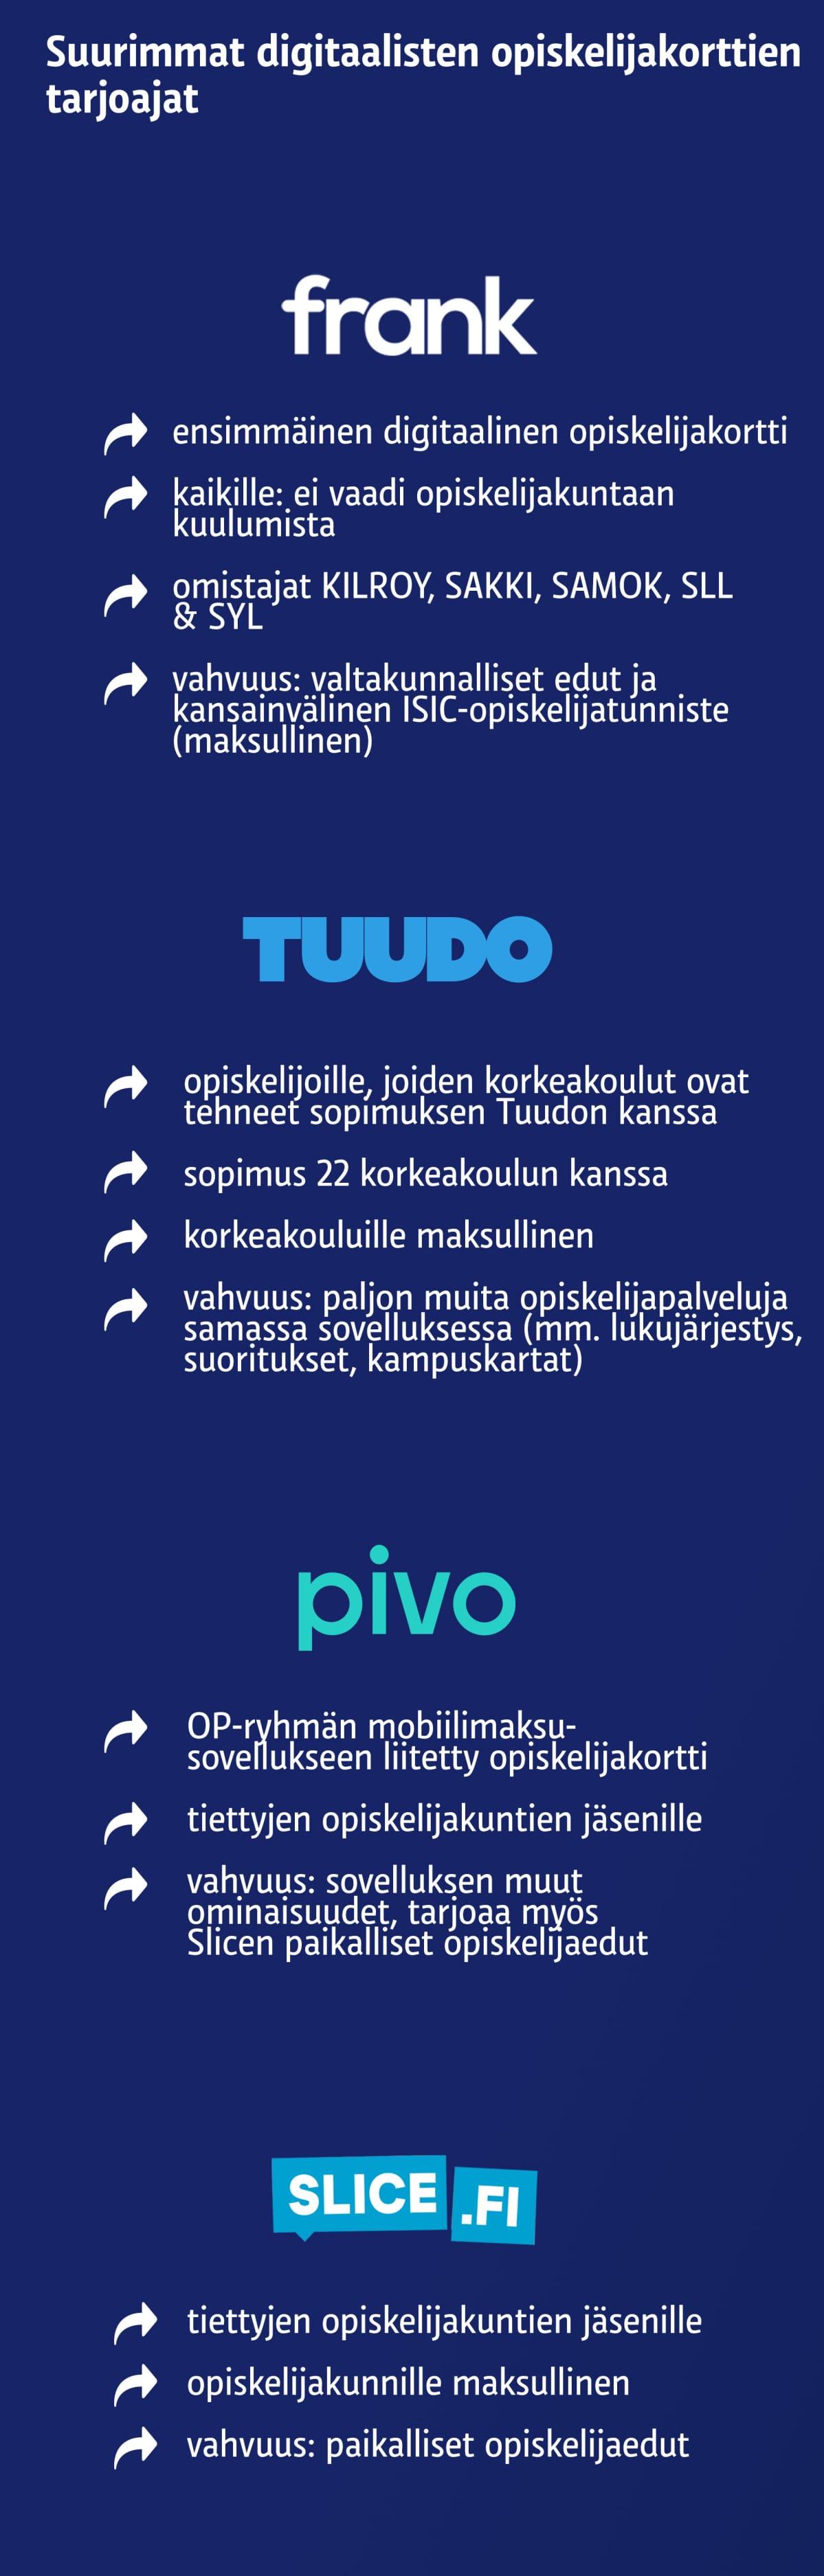 Digitaalisten opiskelijakorttien tarjoajat, infografiikka.